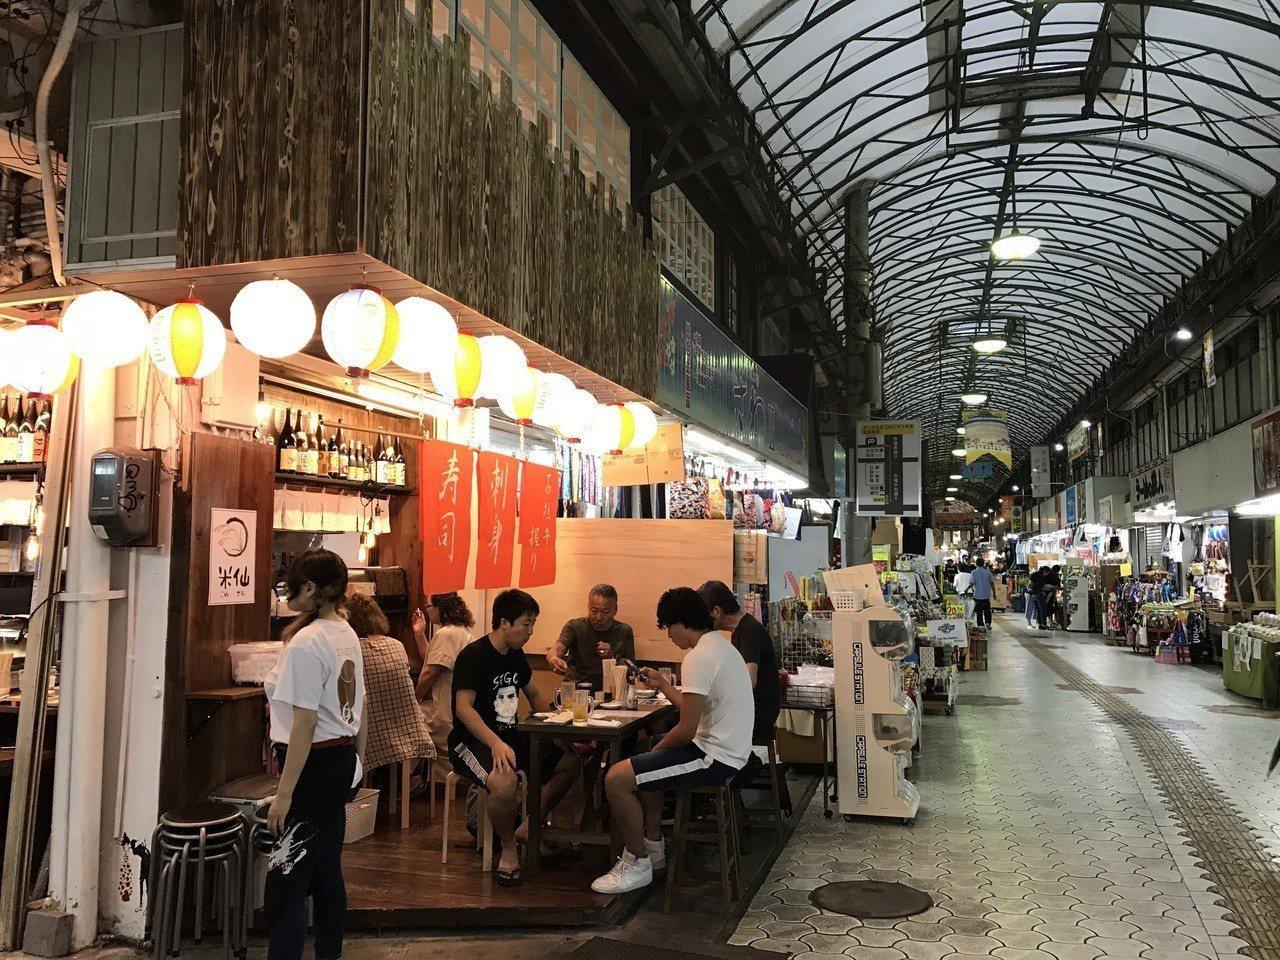 日本很多商店街都有美美的遮雨頂棚,外面下再大的雨都不怕。 圖/讀者提供